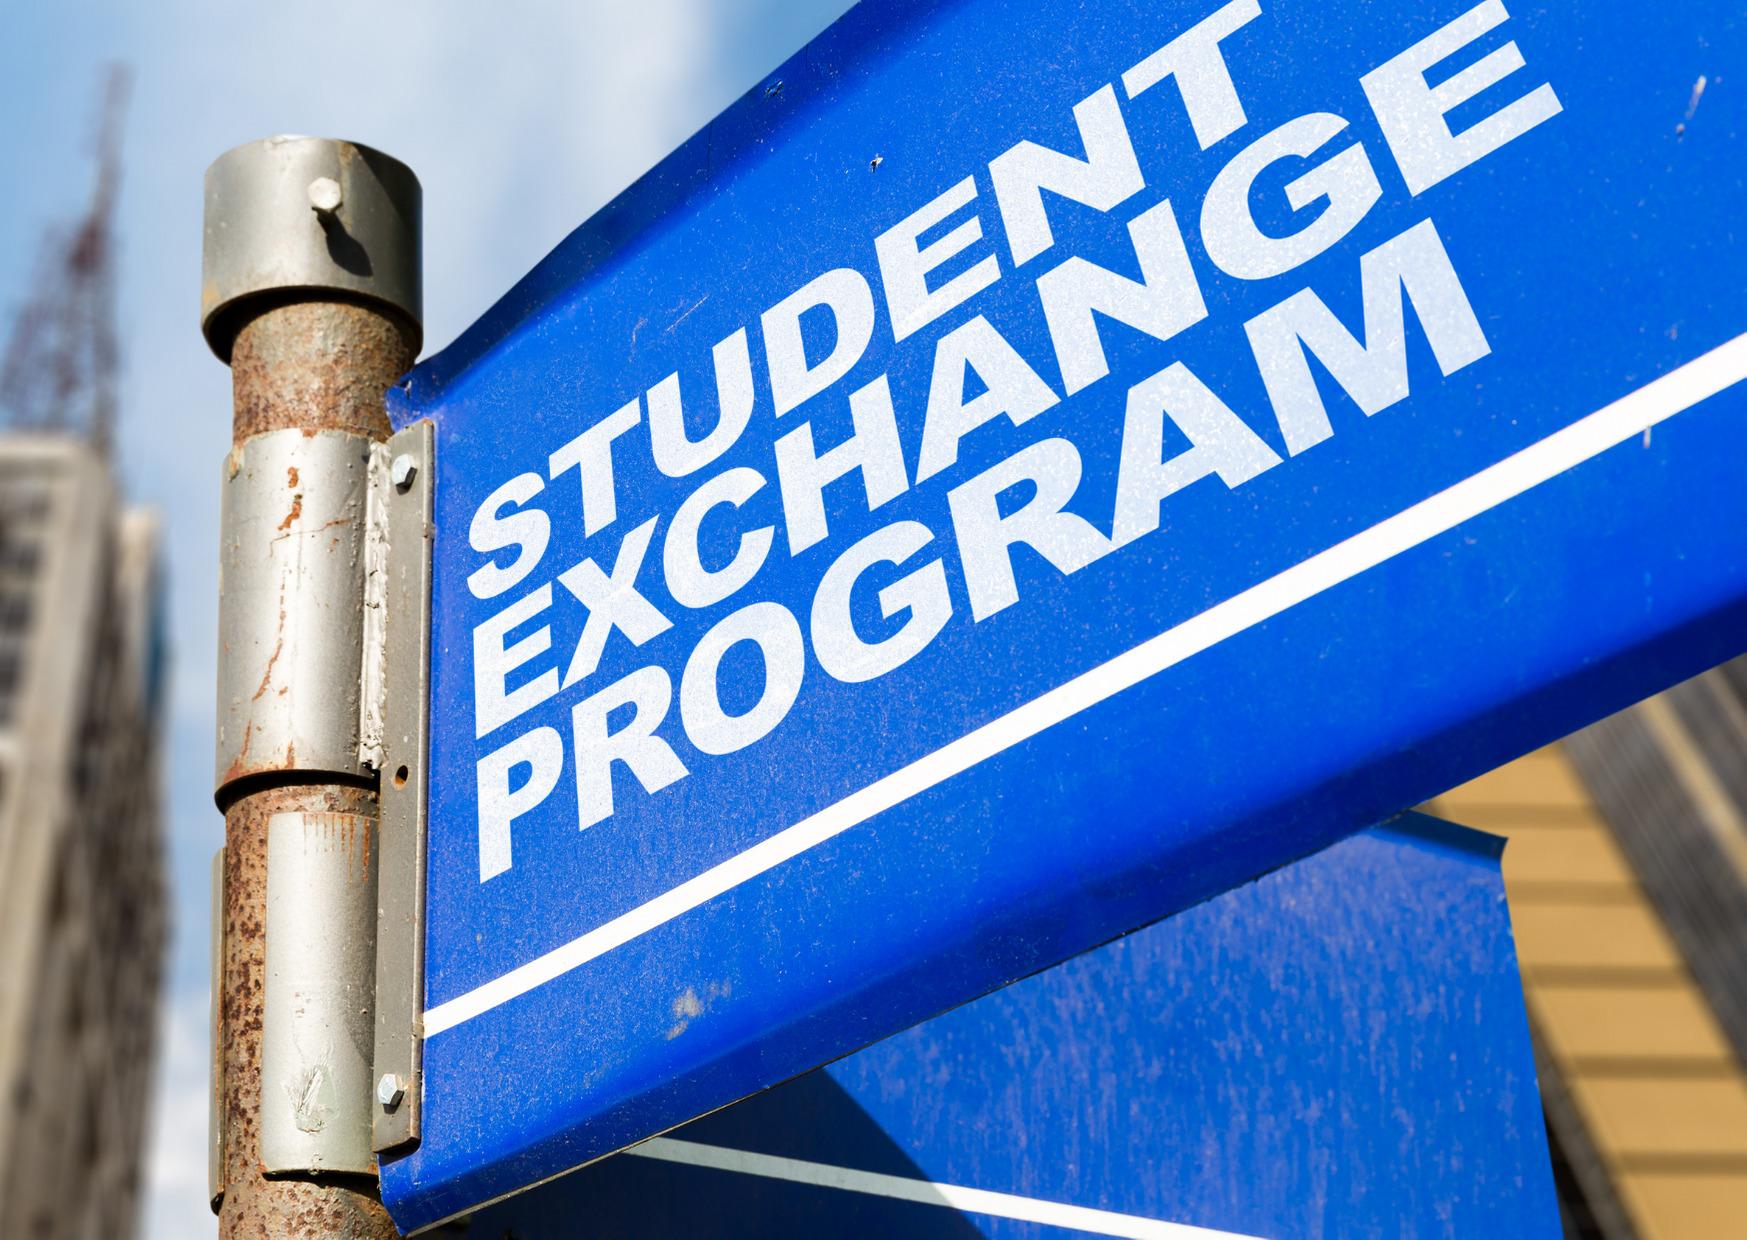 Student Exchange Programs